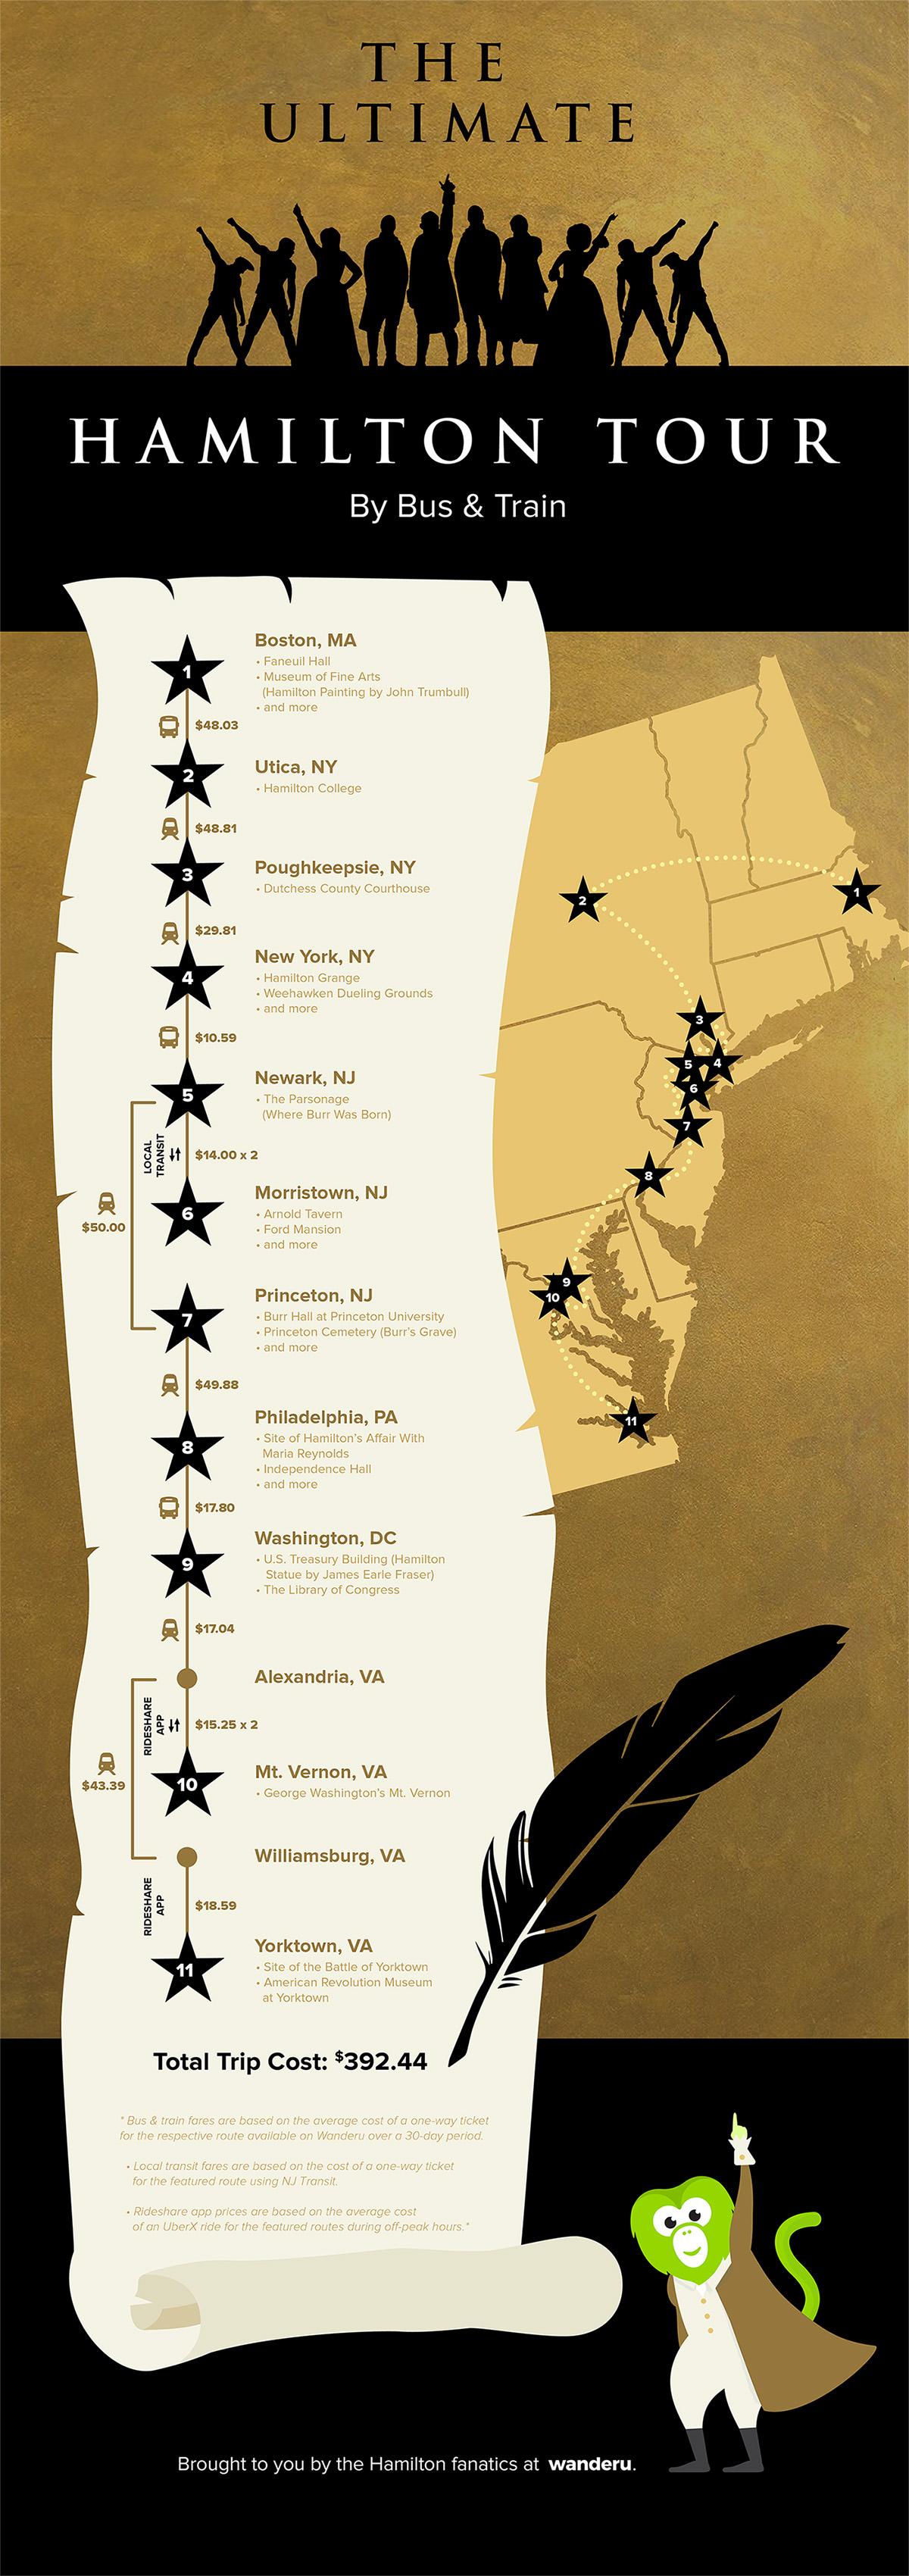 Hamilton Tour Itinerary